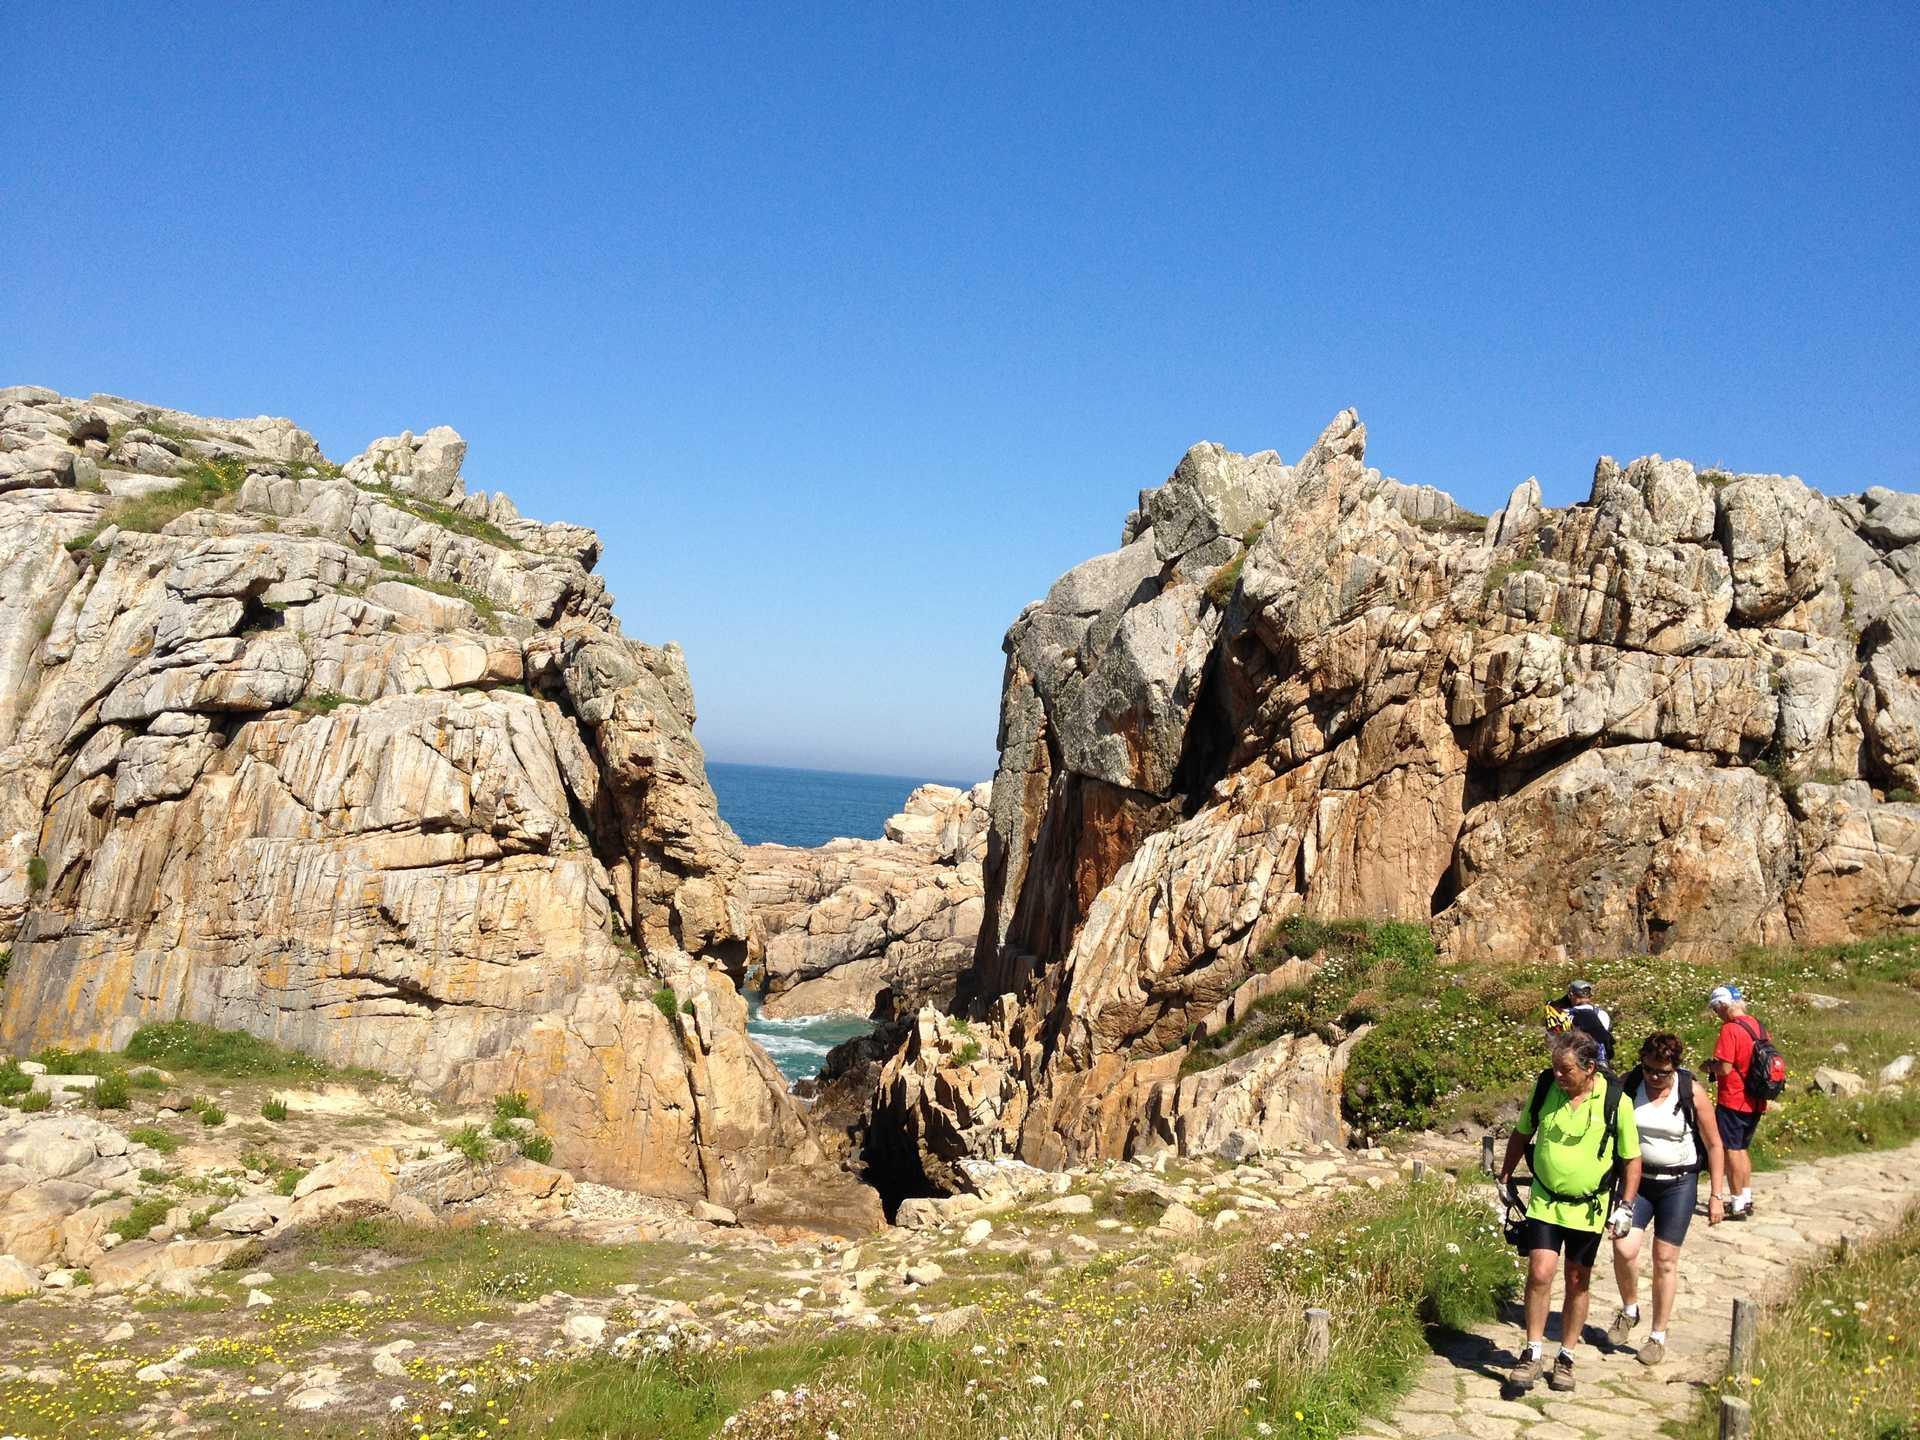 Randonneurs sur les sentiers bretons